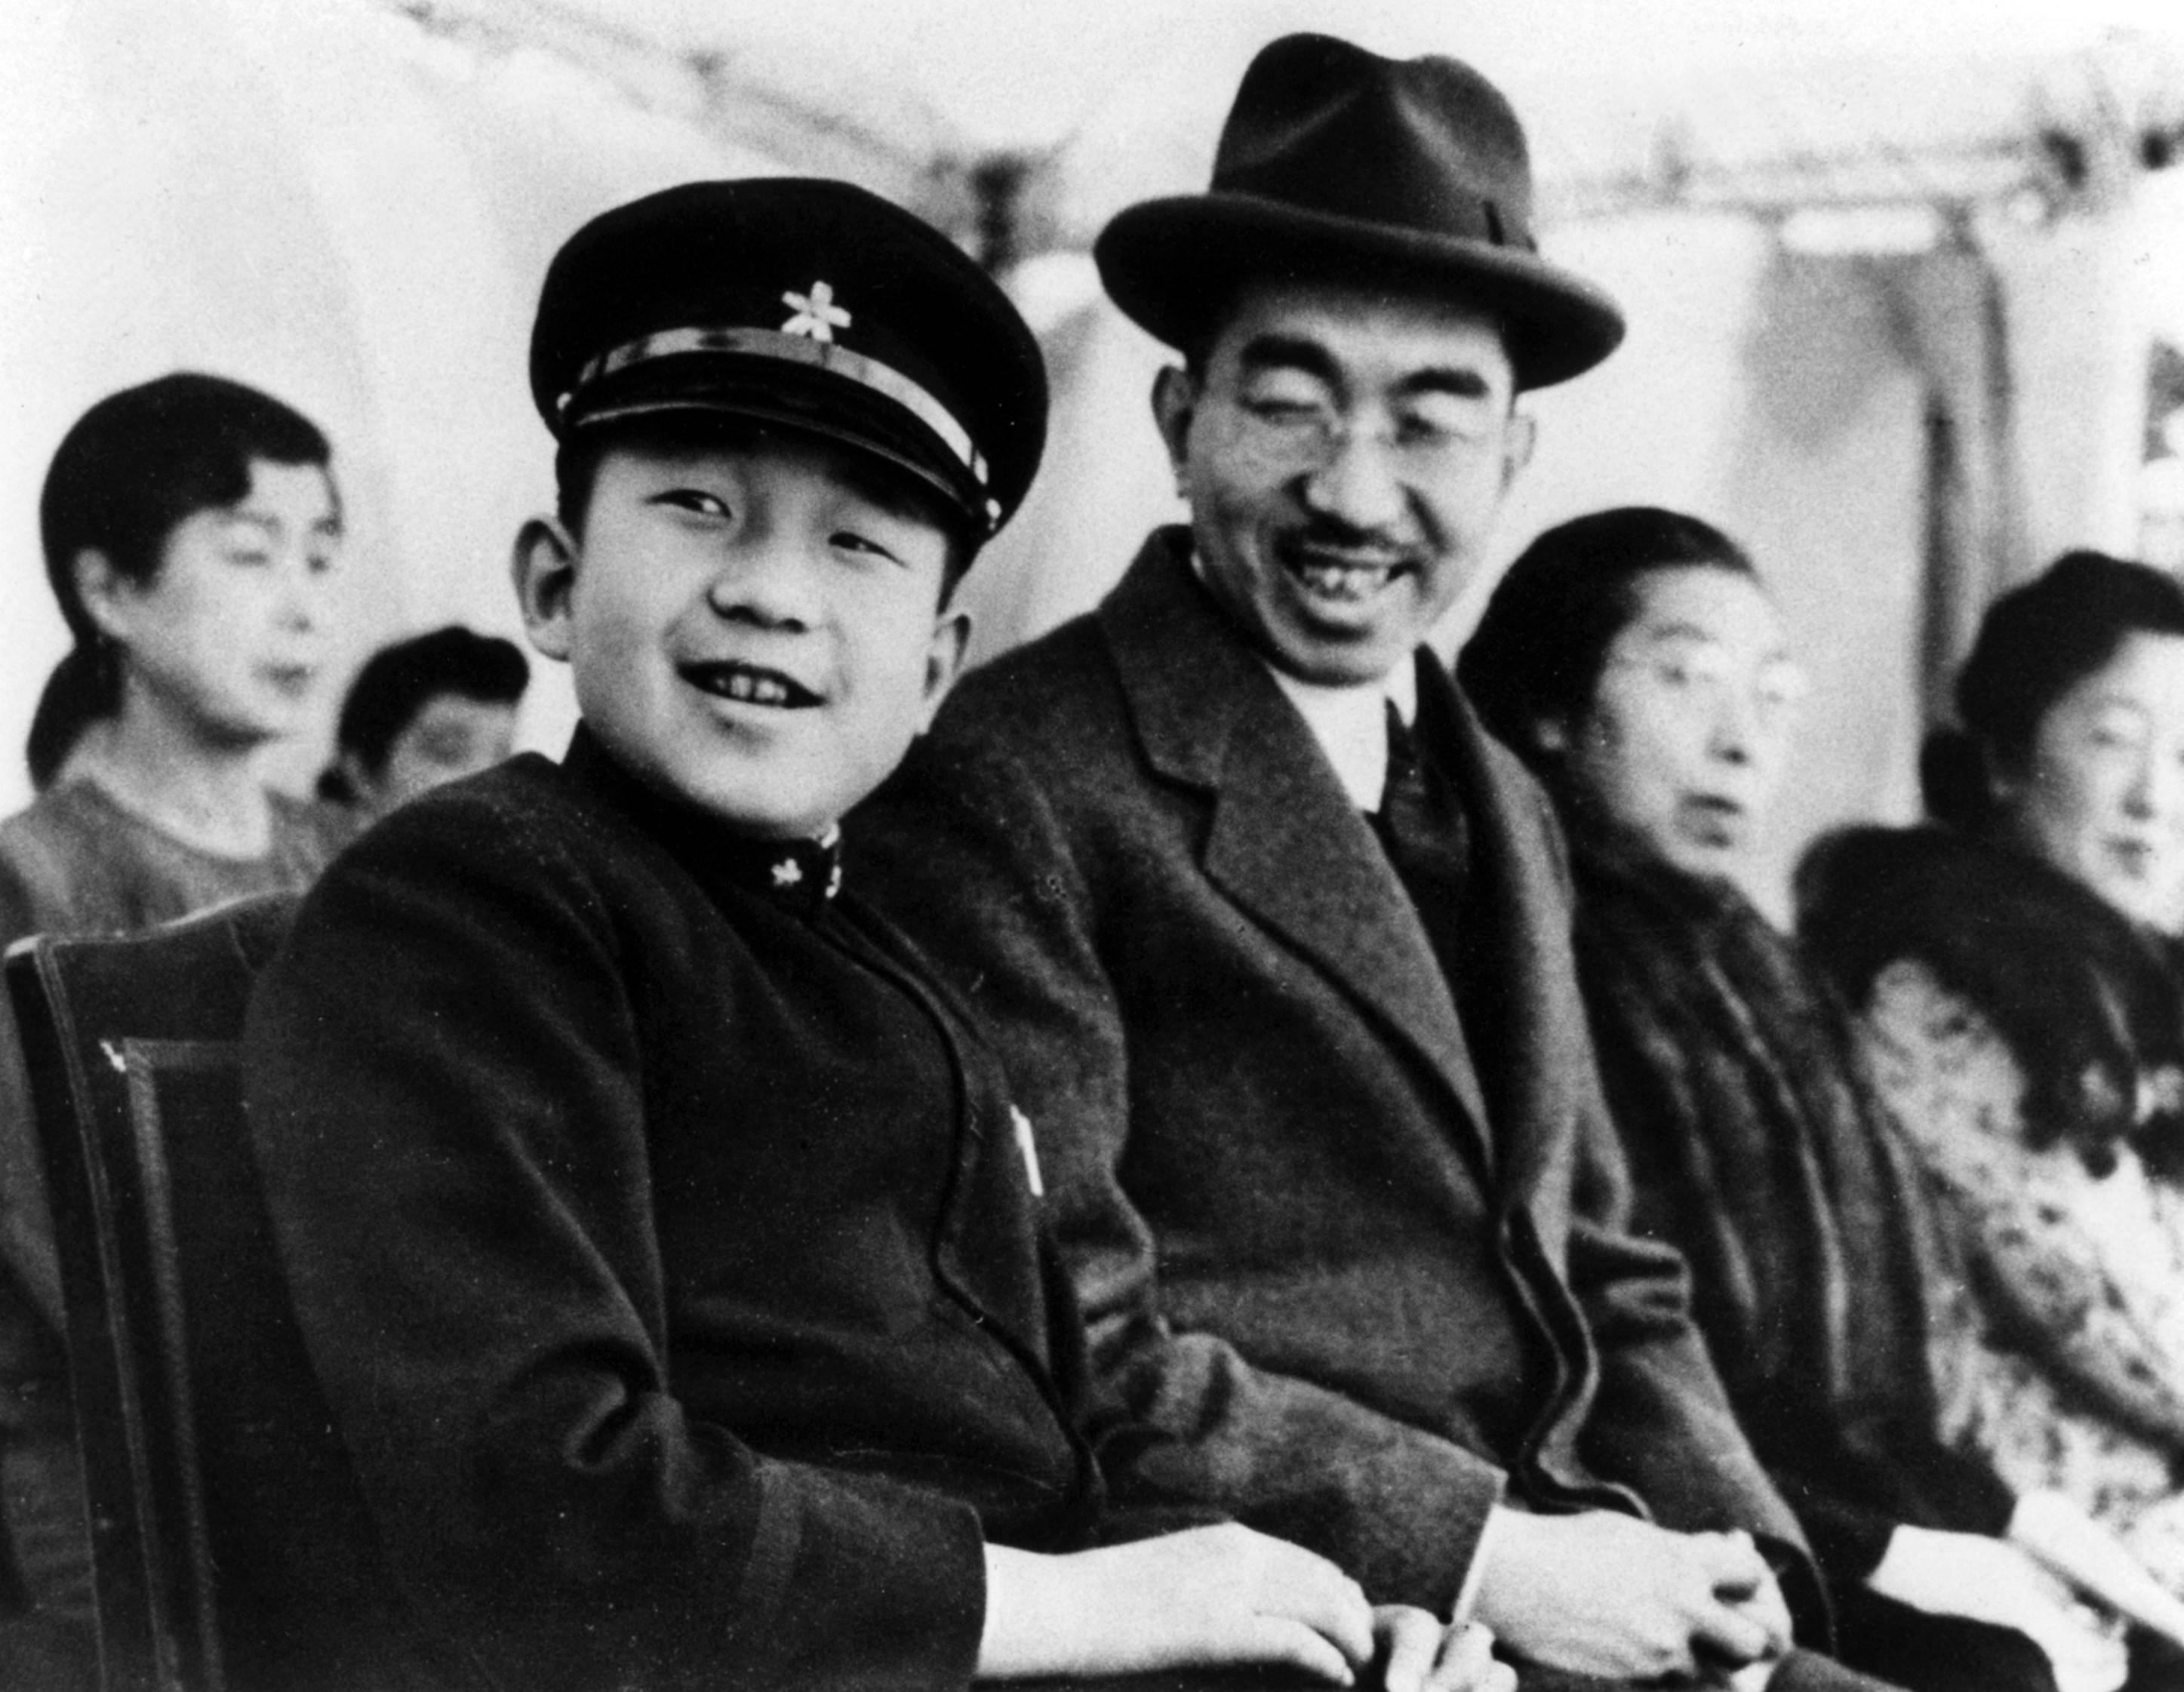 Imperadores do Japão: Akihito criança e seu pai Naruhito